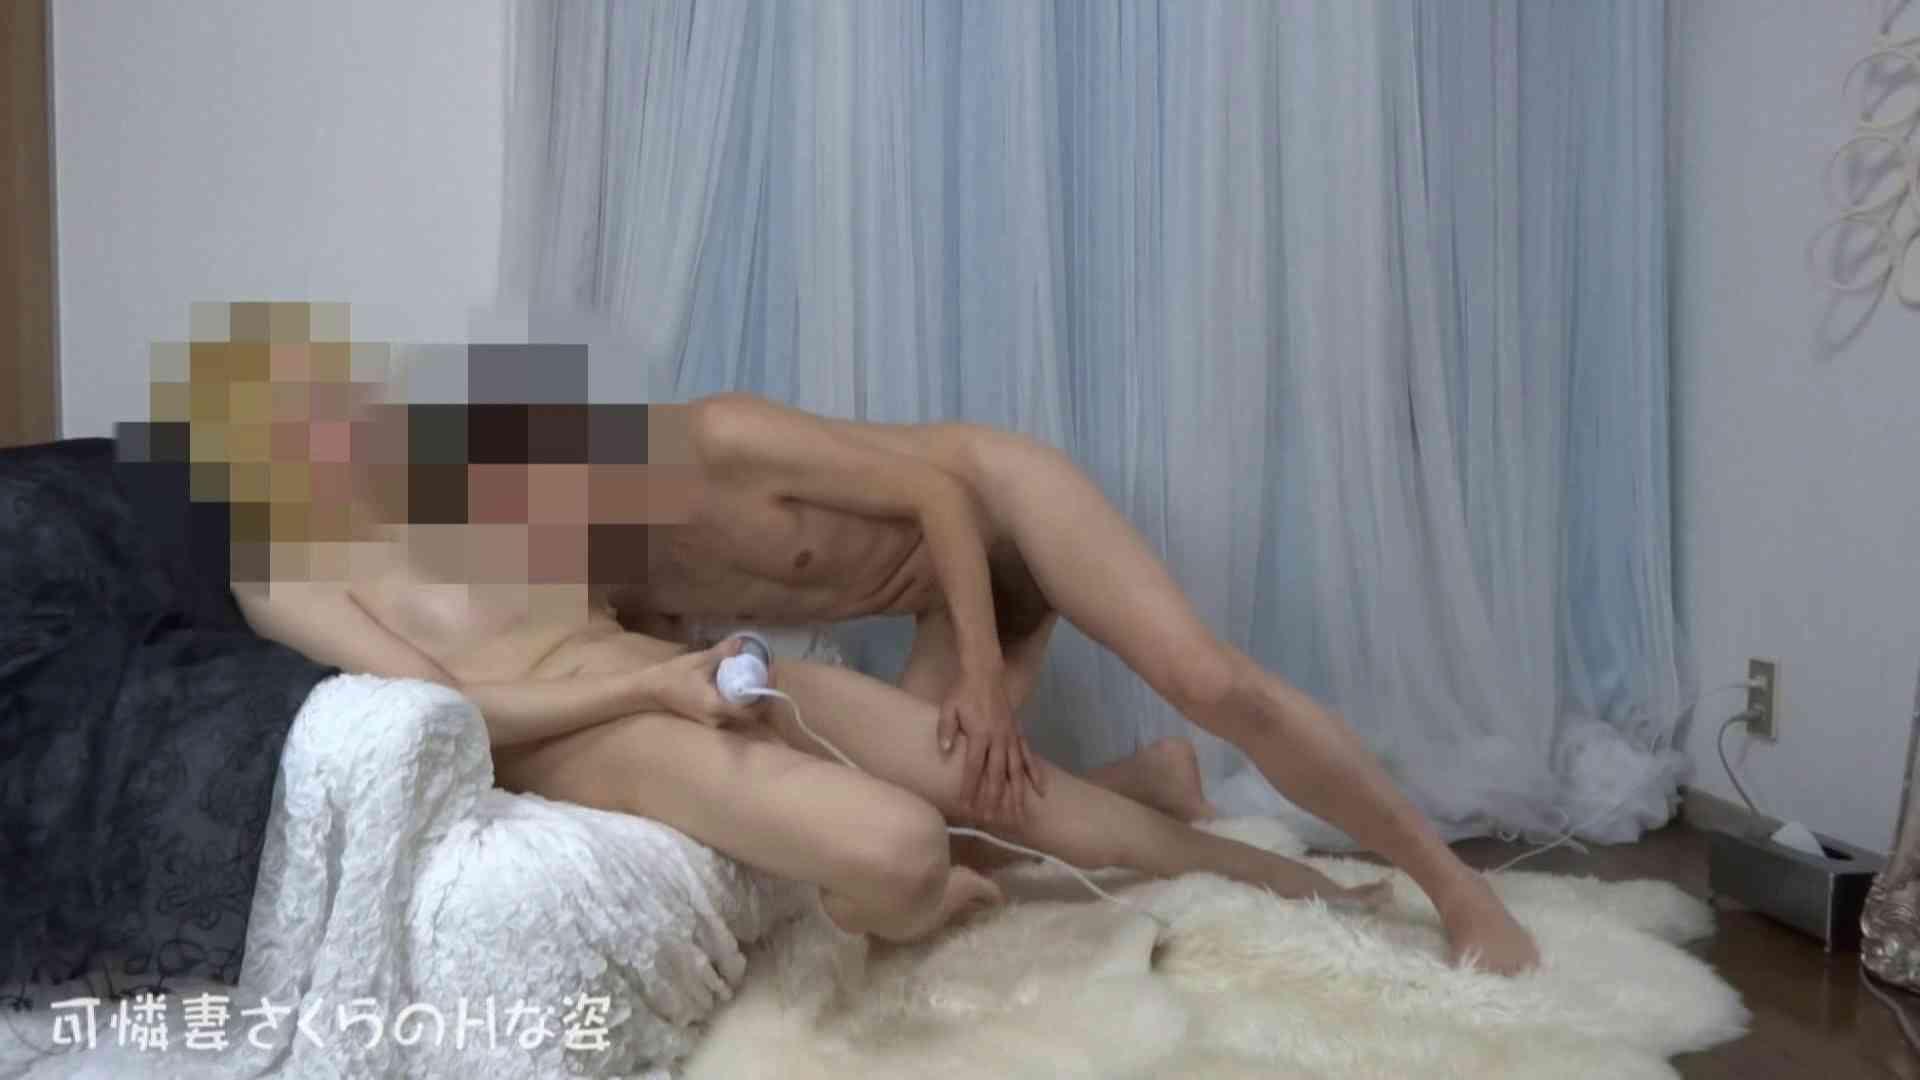 可憐妻さくらのHな姿vol.29 色っぽいOL達 アダルト動画キャプチャ 51pic 2